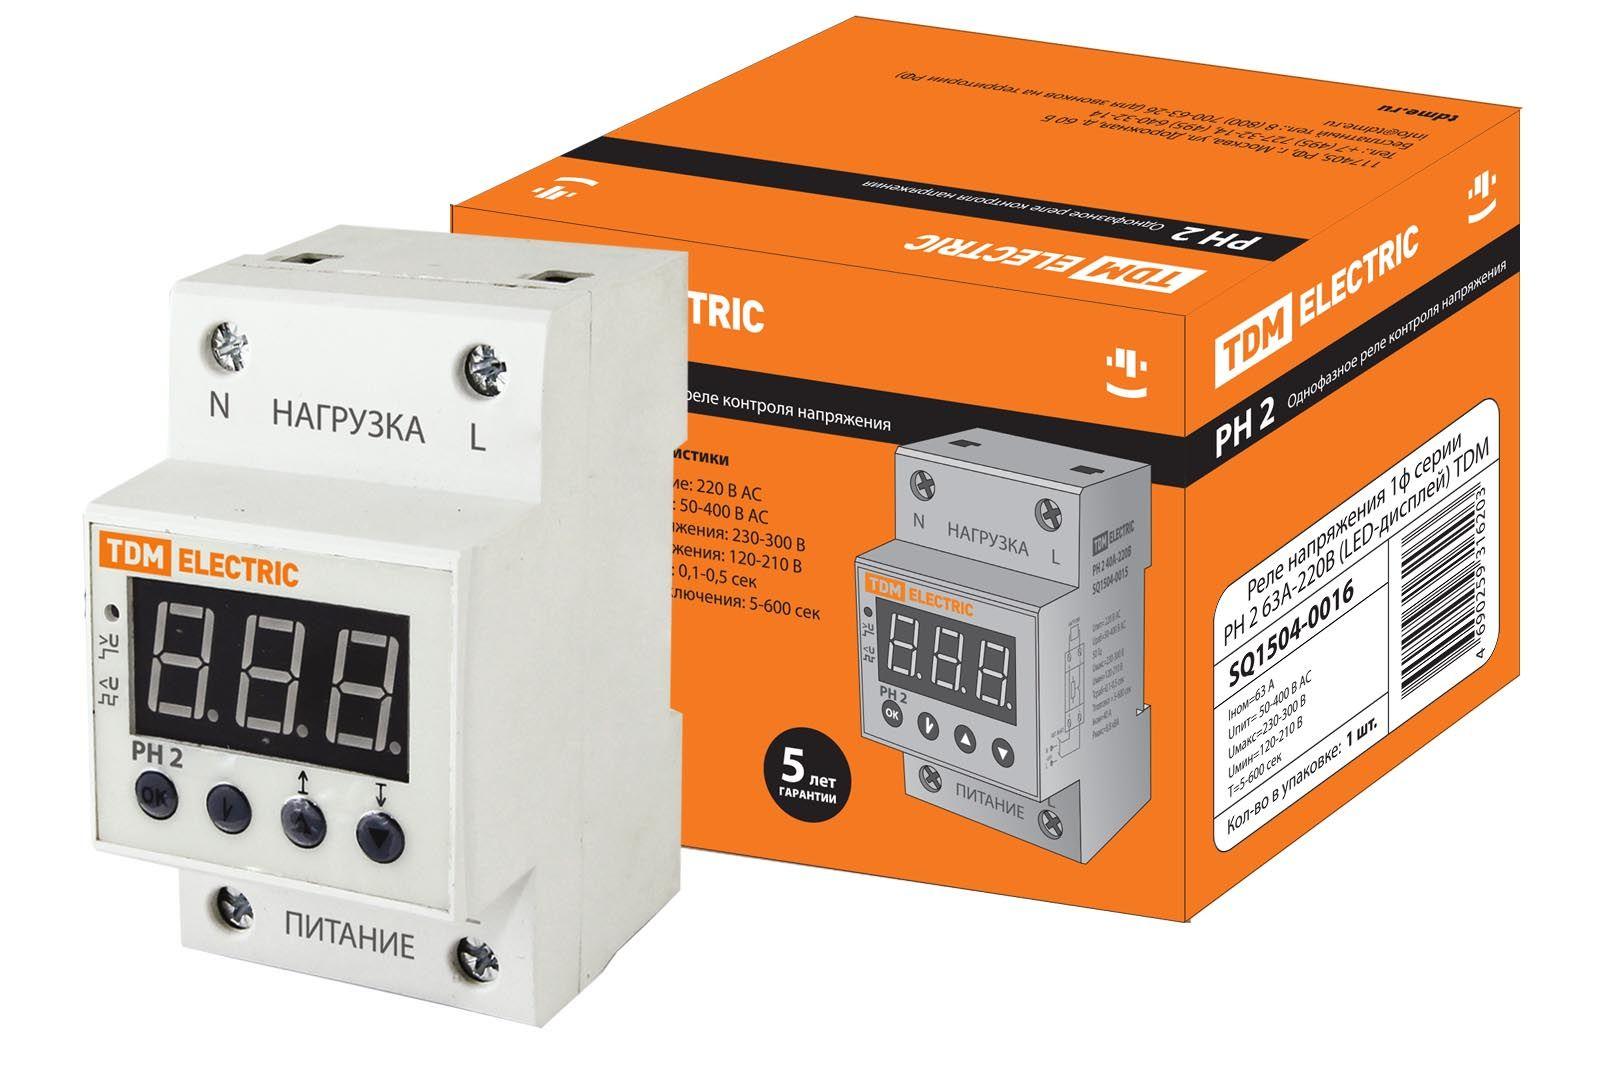 Купить Реле контроля напряжения РН 2 63А-220В (LED-дисплей) TDM, TDM ELECTRIC